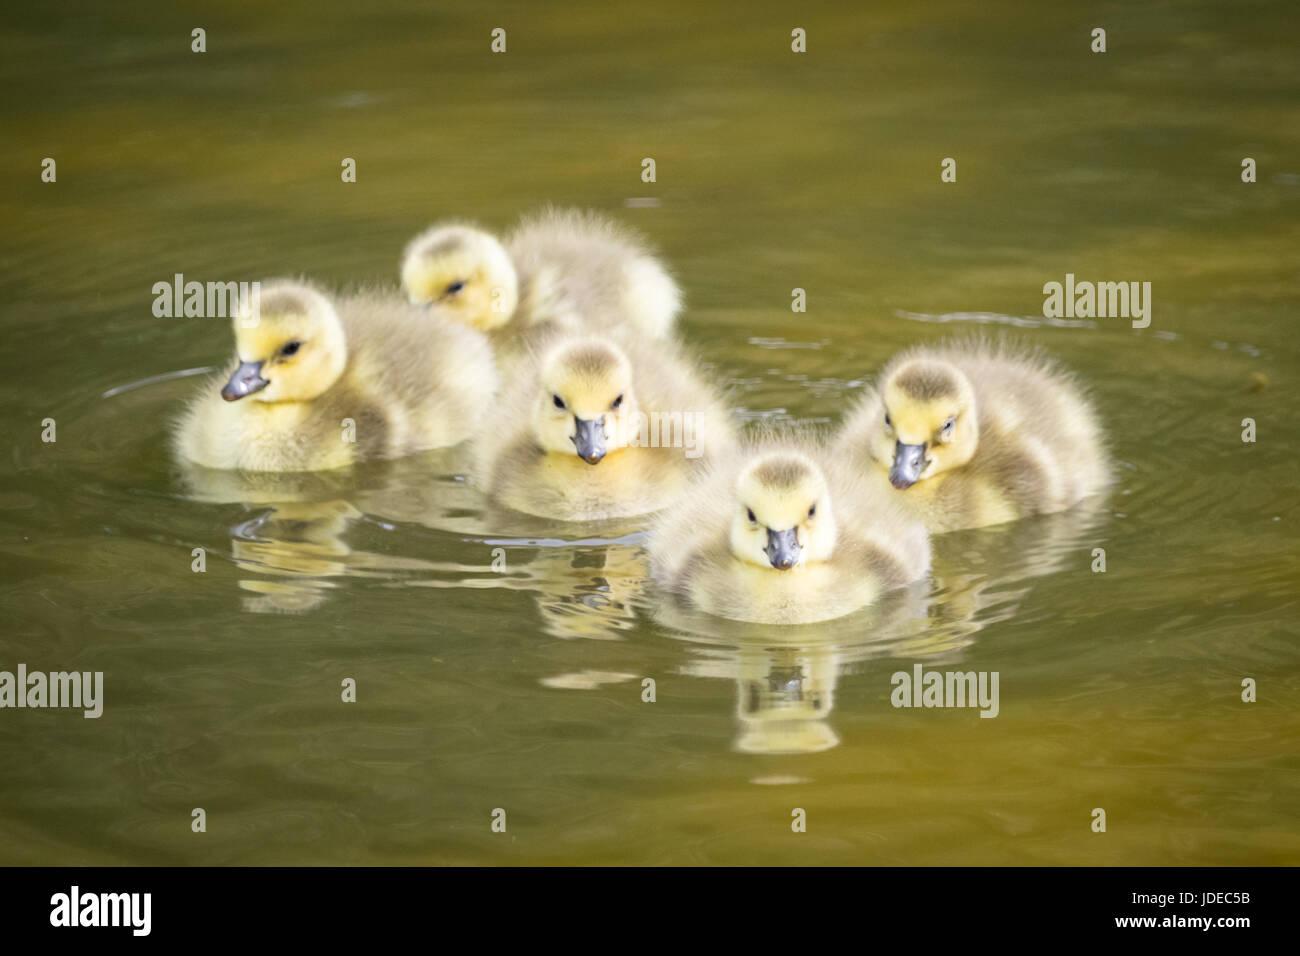 Cinque giorni di età neonato, Canada Goose goslings (Branta canadensis) nuotare in un stagno. Edmonton, Alberta, Immagini Stock